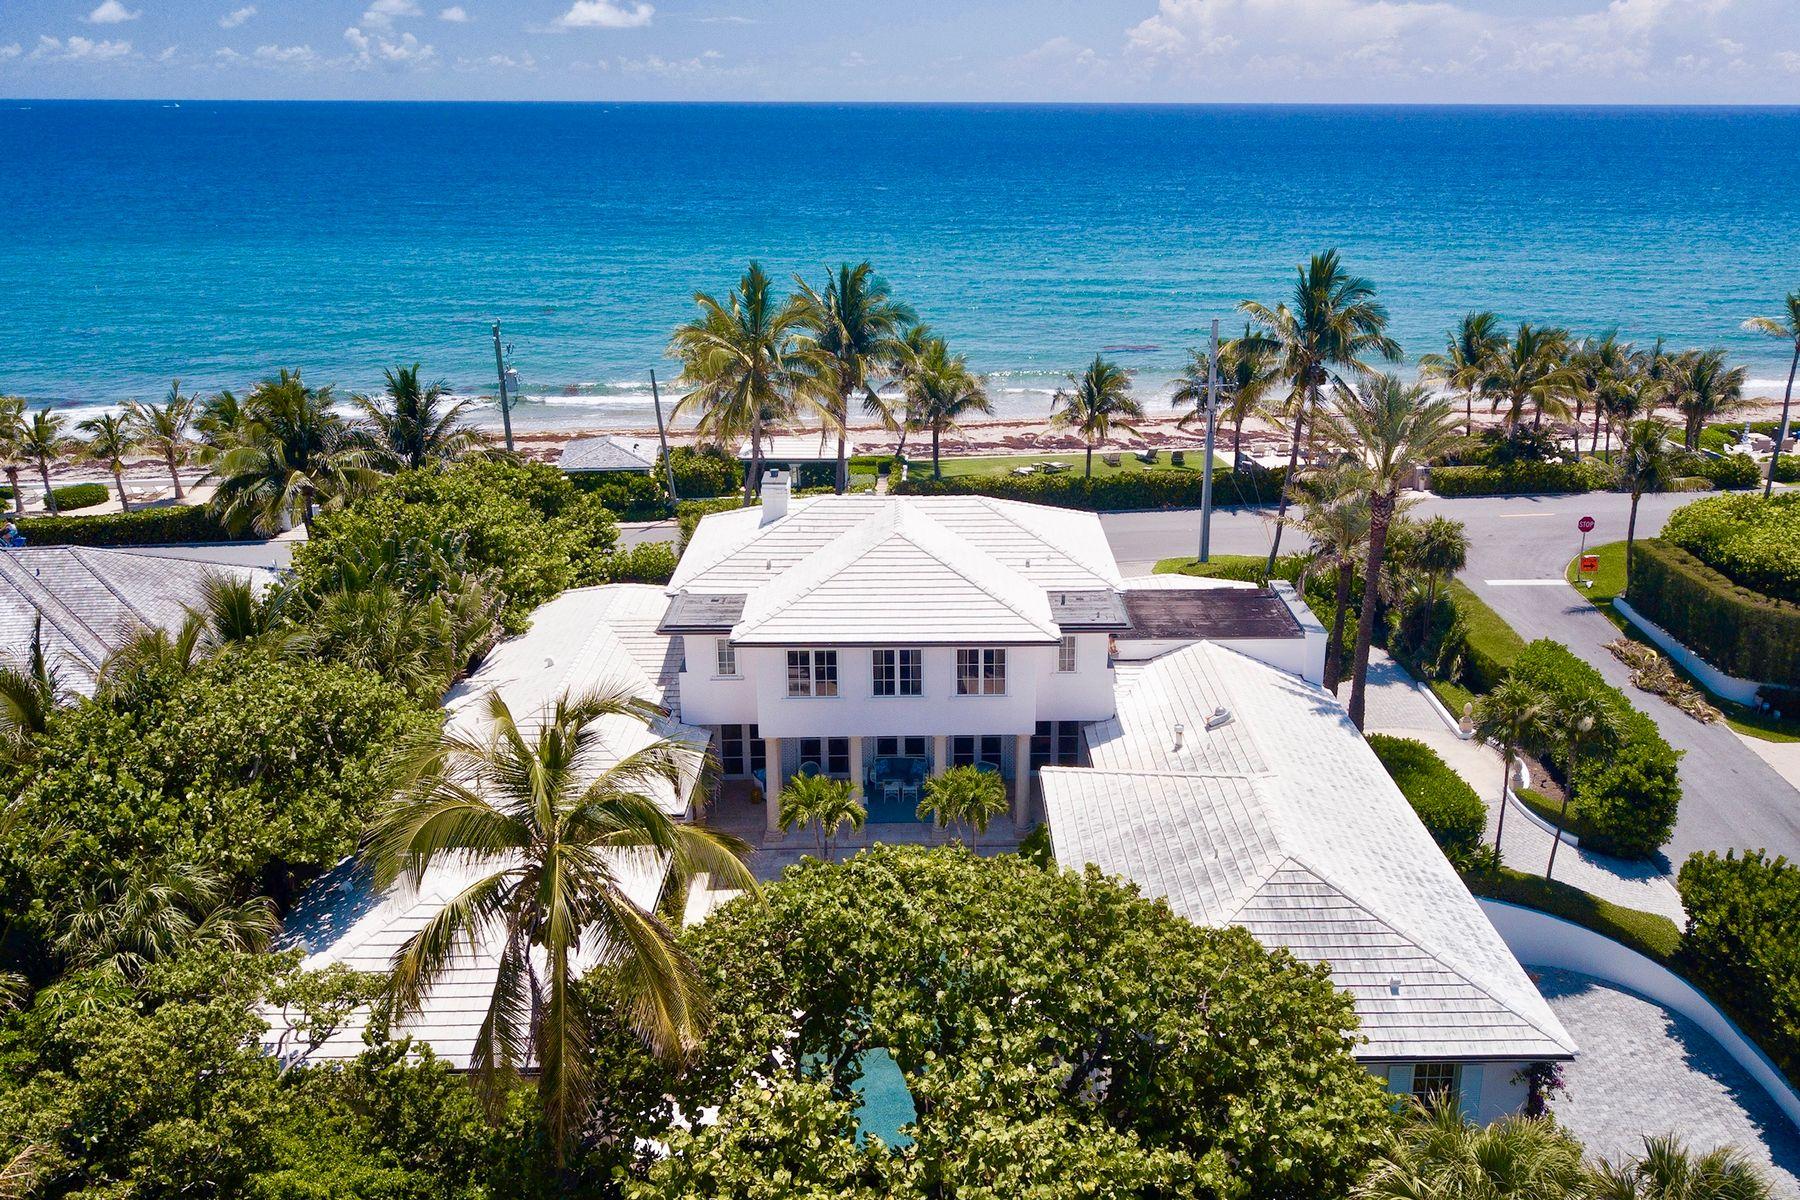 Single Family Homes für Verkauf beim Classic Beach House 101 Nightingale Trl, Palm Beach, Florida 33480 Vereinigte Staaten